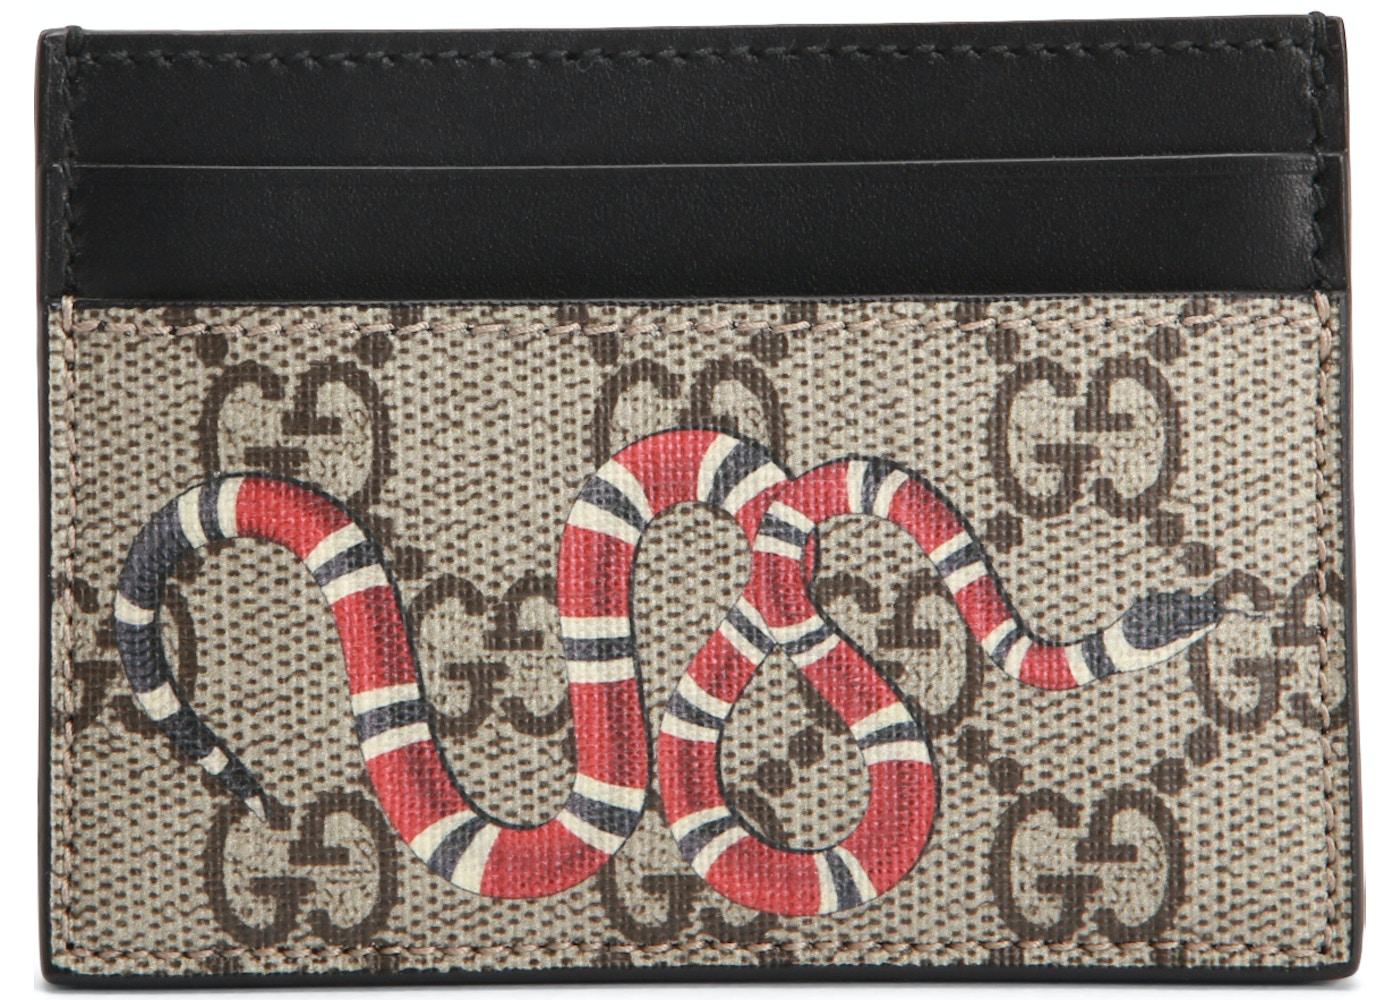 a90c19b208161a Gucci Card Case GG Supreme Kingsnake Print Beige/Ebony. GG Supreme  Kingsnake Print Beige/Ebony